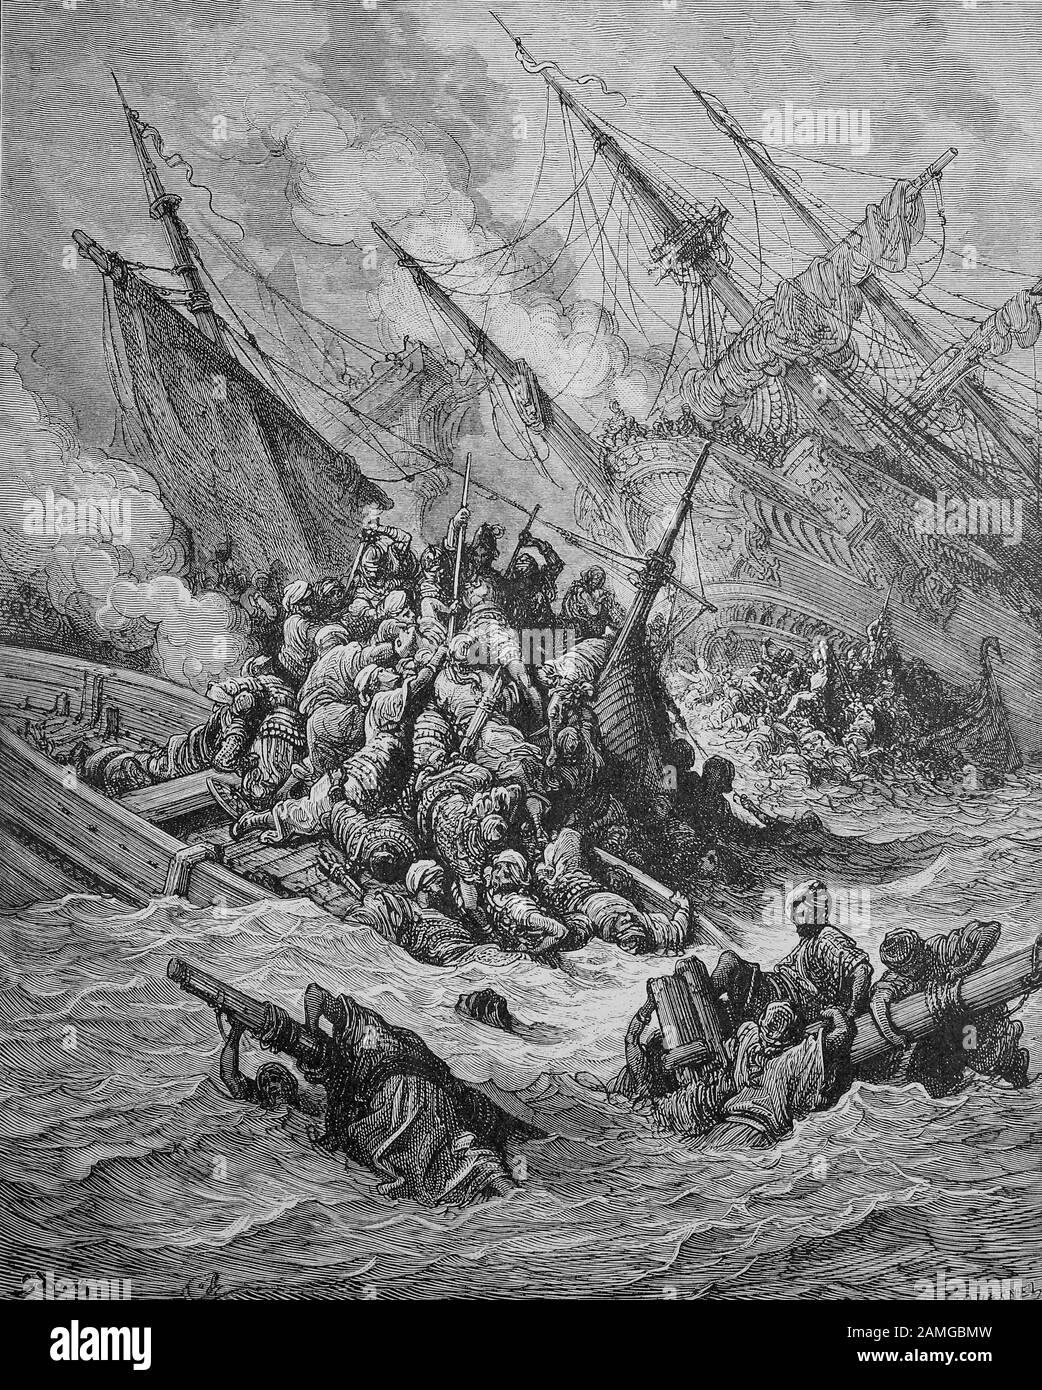 Las cruzadas fueron una serie de guerras religiosas en Asia occidental y Europa iniciadas, apoyadas y a veces dirigidas por la Iglesia Católica, la Batalla de Lepanto fue un compromiso naval que tuvo lugar el 7 de octubre de 1571 cuando una flota de la Santa Liga, Dirigido por la República veneciana y el Imperio Español, infligió una gran derrota a la flota del Imperio Otomano en el Golfo de Patras, Grecia, Seeschlacht von Lepanto fand am 7. Oktober 1571 im Ionischen Meer vor dem Eingang zum Golf von Patras bei Lepanto (griechisch Nafpaktos) im heutigen Griechenland statt, impresión original del siglo XIX Foto de stock